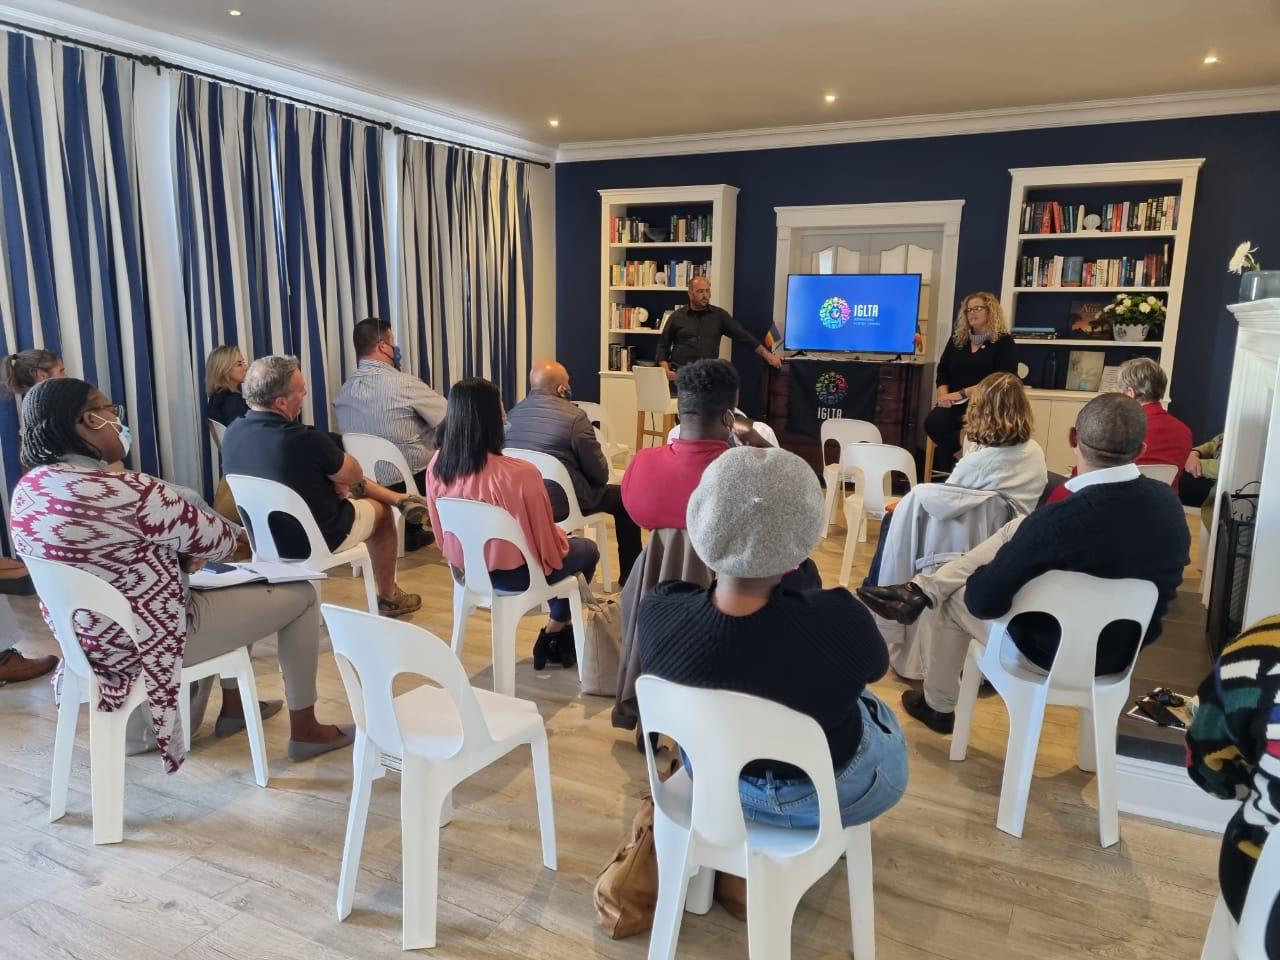 Plett Tourism LGBTQ+ Workshop at The Plettenberg